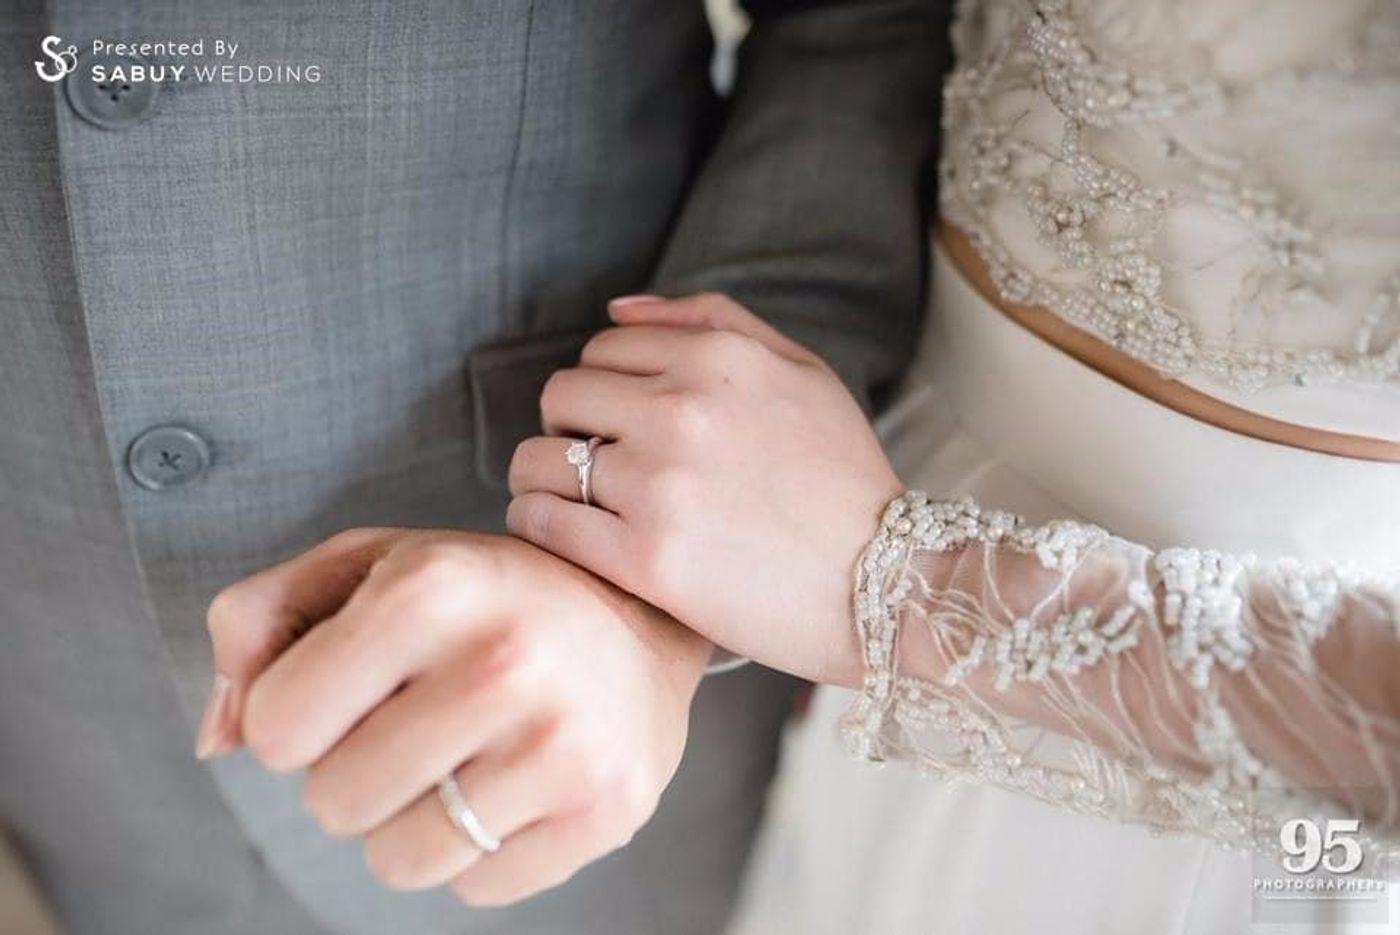 แหวนแต่งงาน,งานหมั้น รีวิวงานแต่ง กิมมิคสนุกทุก Sequence ปังจนเพื่อนยังต้องยกนิ้ว @Vivarium by Chef Ministry